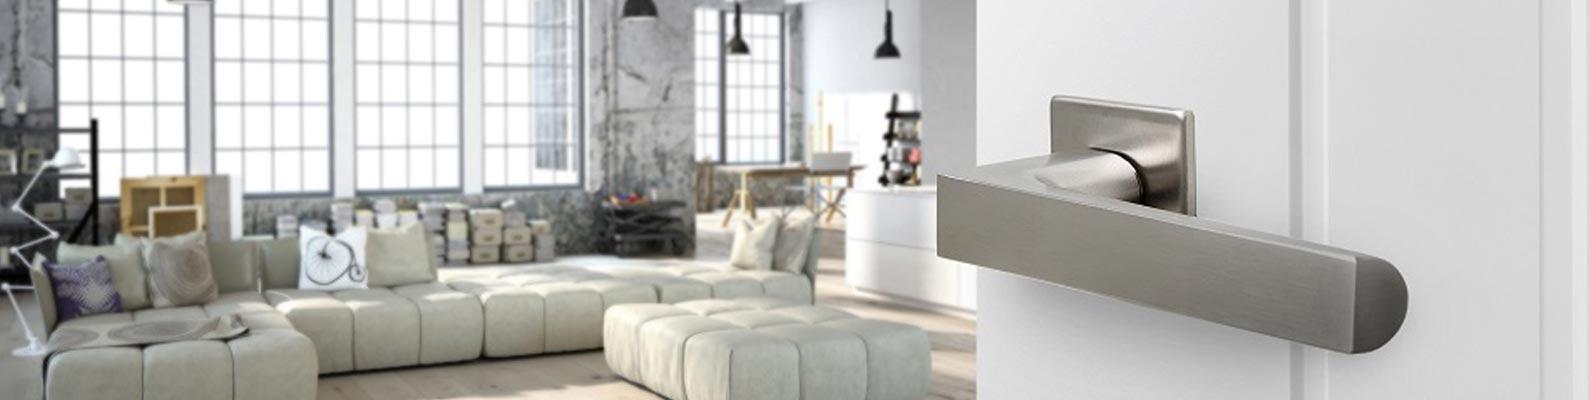 Griffe für Innen- und Zimmertüren günstig online kaufen